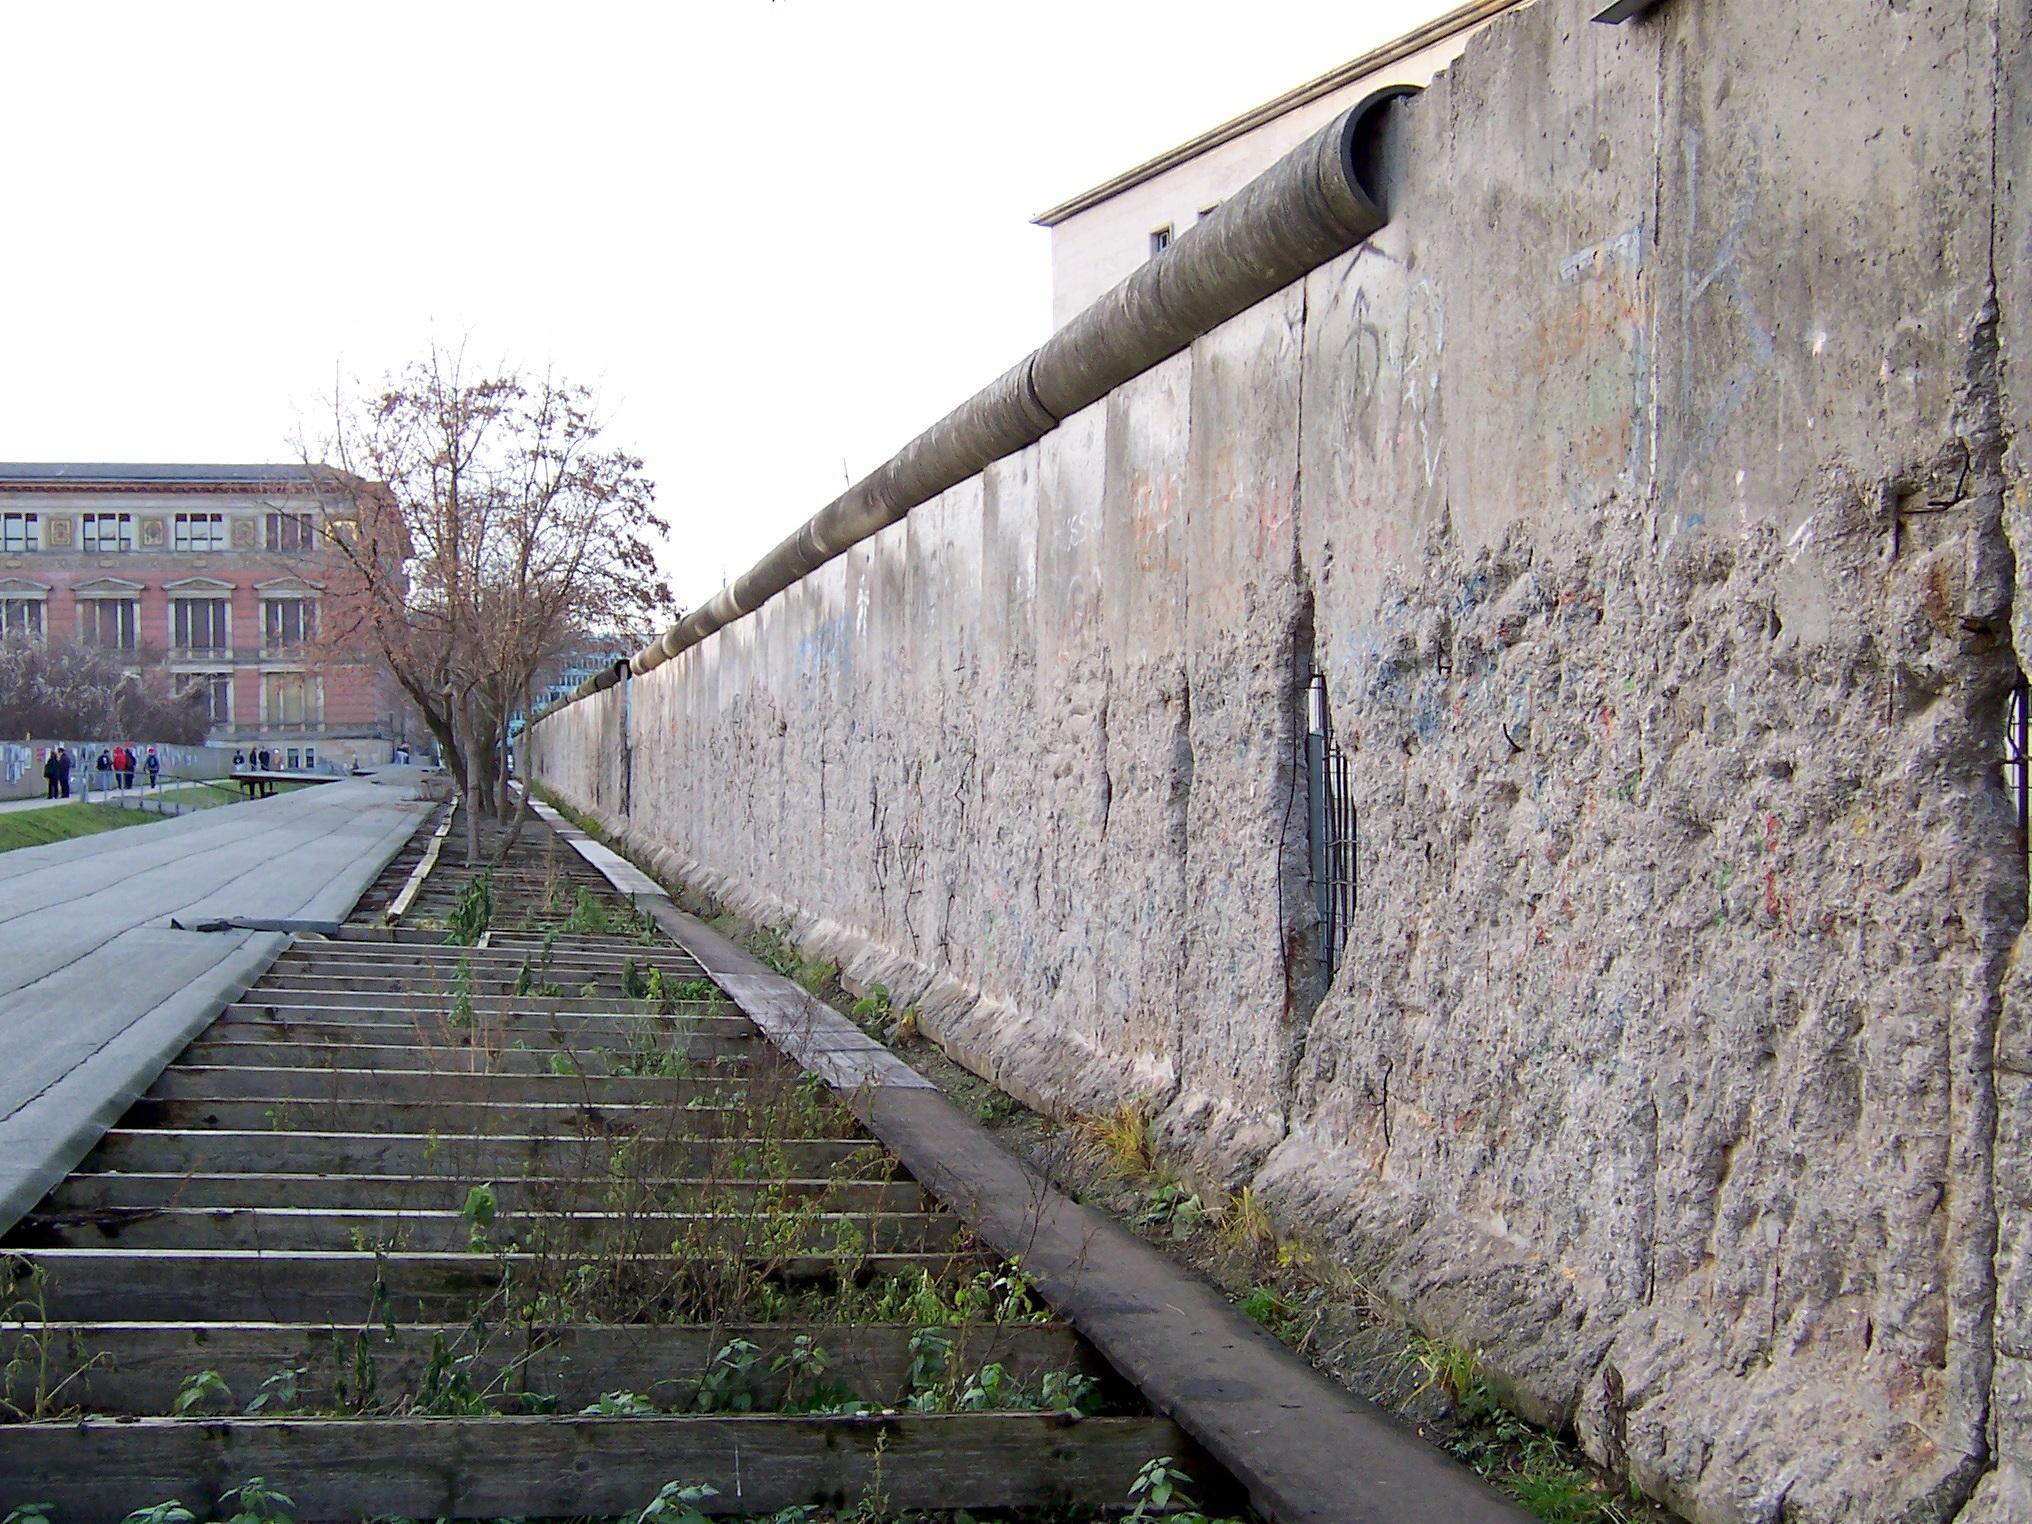 dateireste der berliner mauer niederkirchnerstra223ejpg